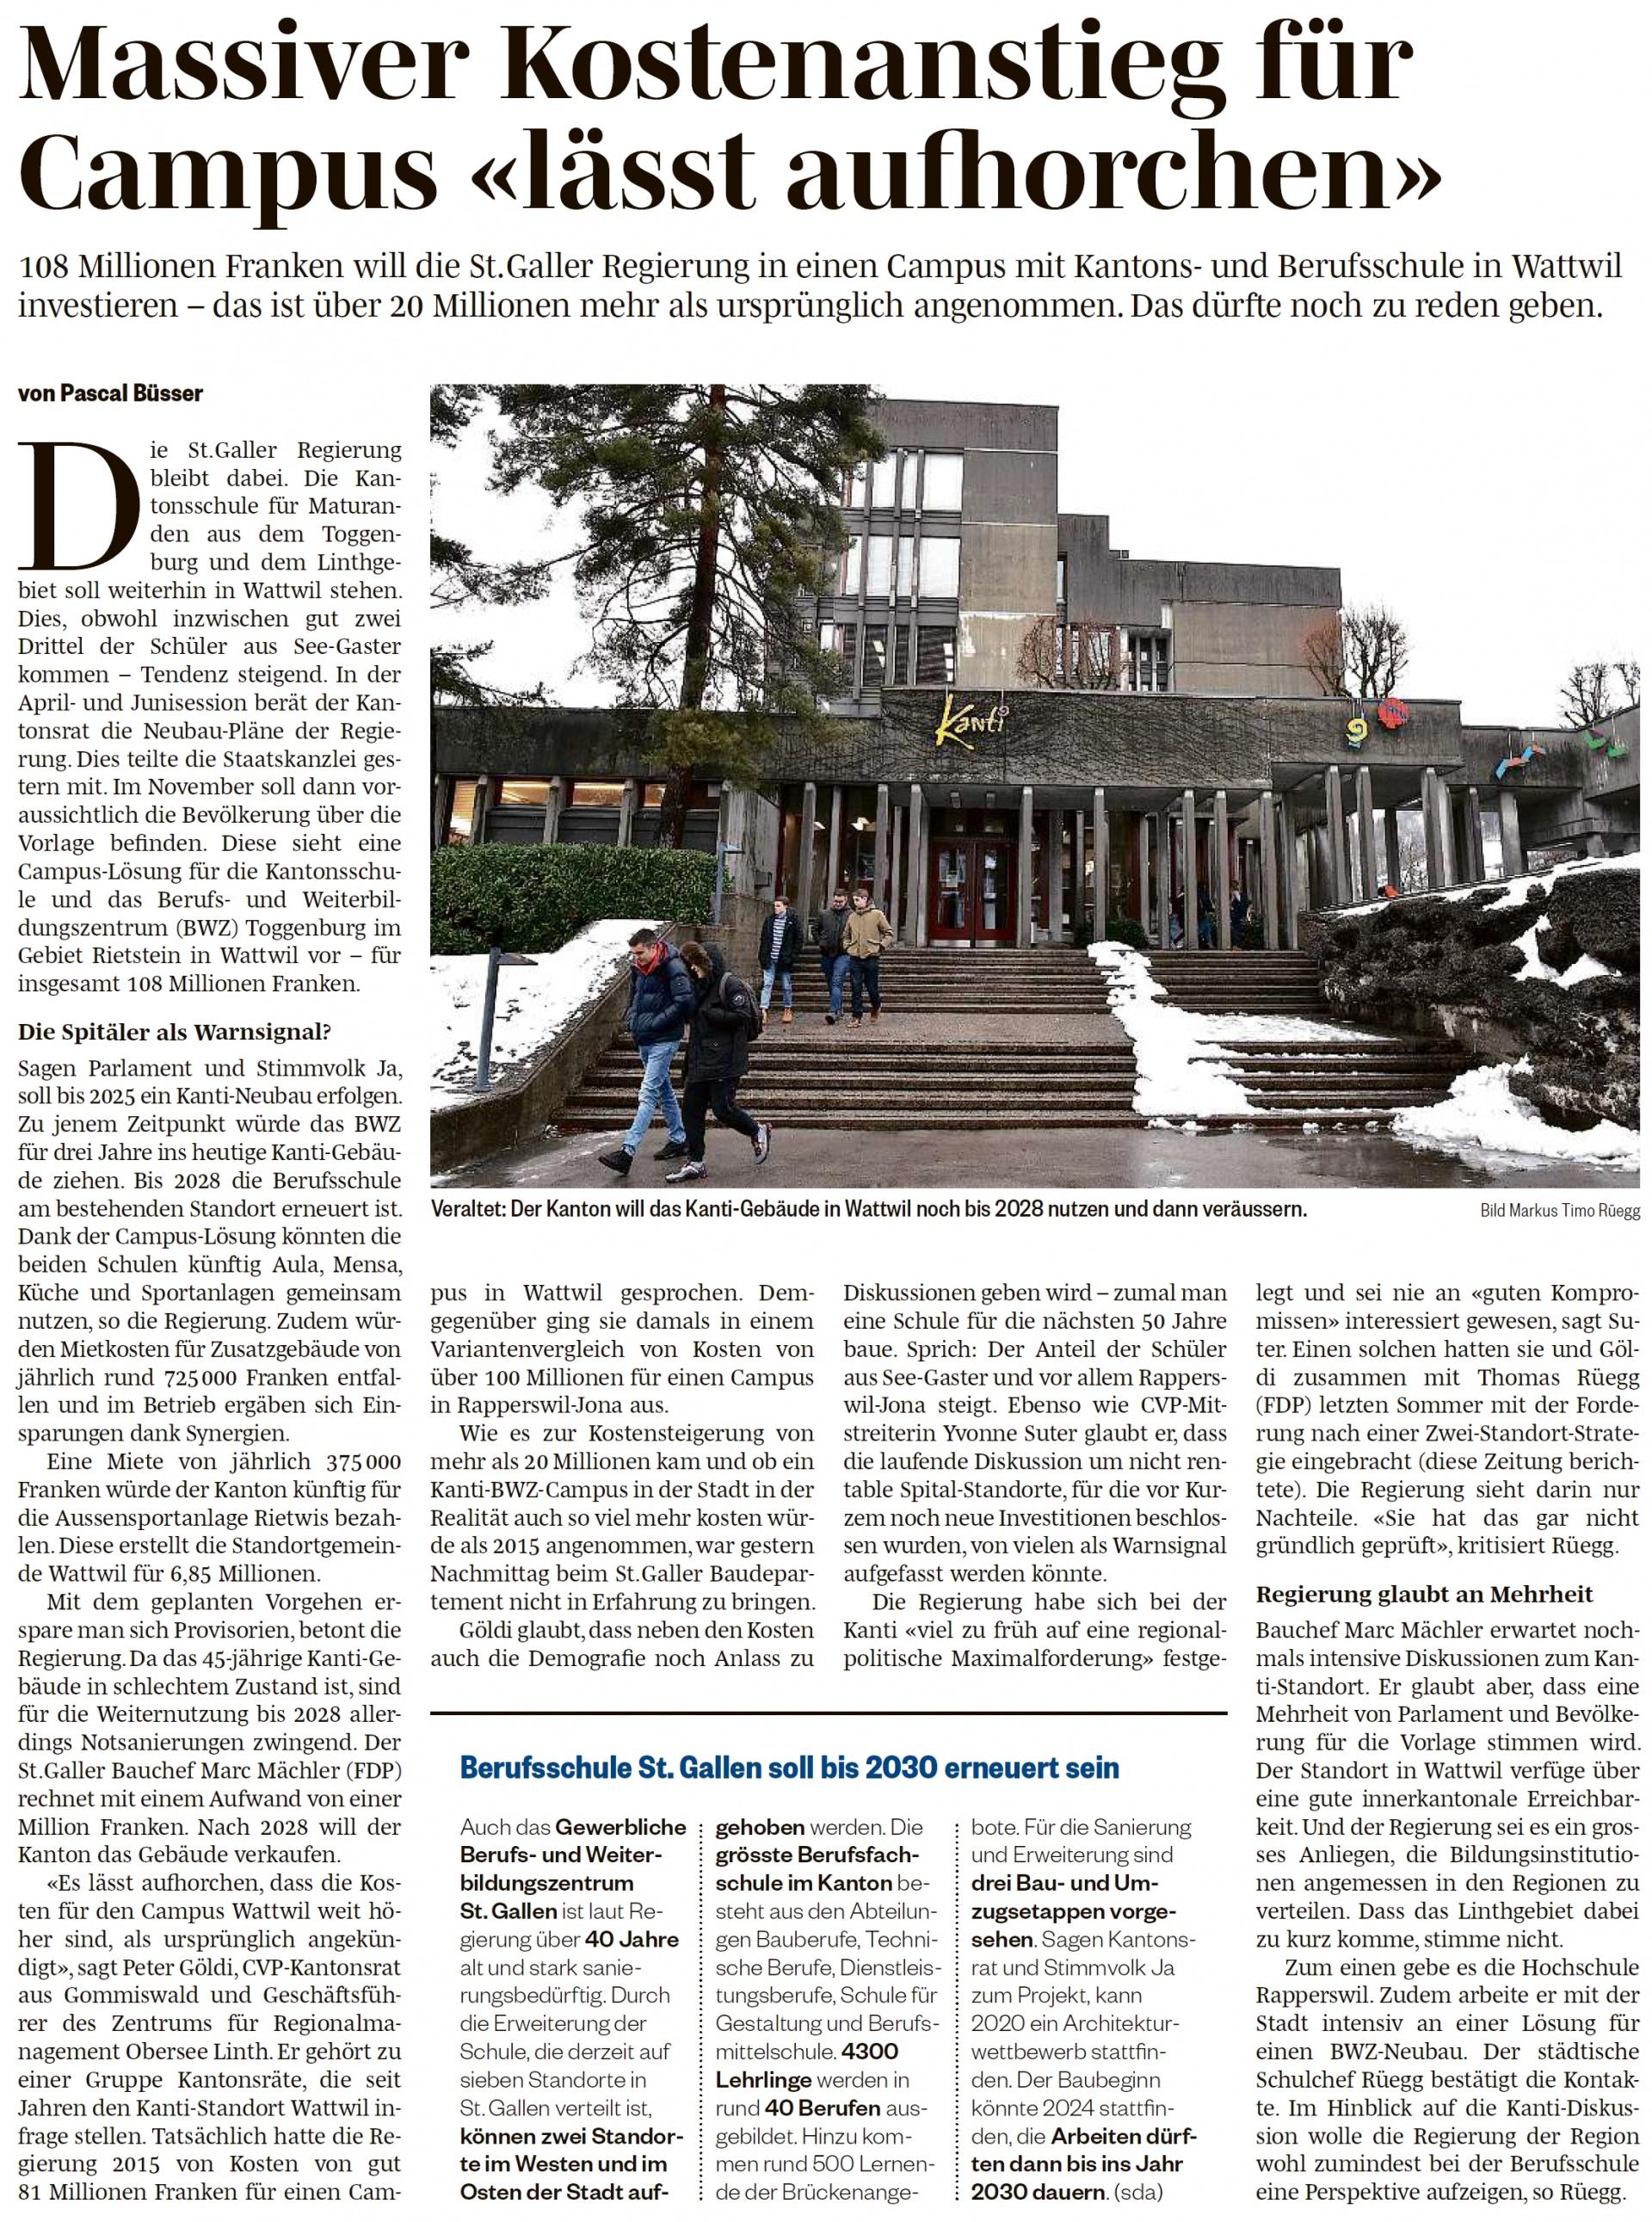 Massiver Kostenanstieg für Campus «lässt aufhorchen» (Mittwoch, 09.01.2019)